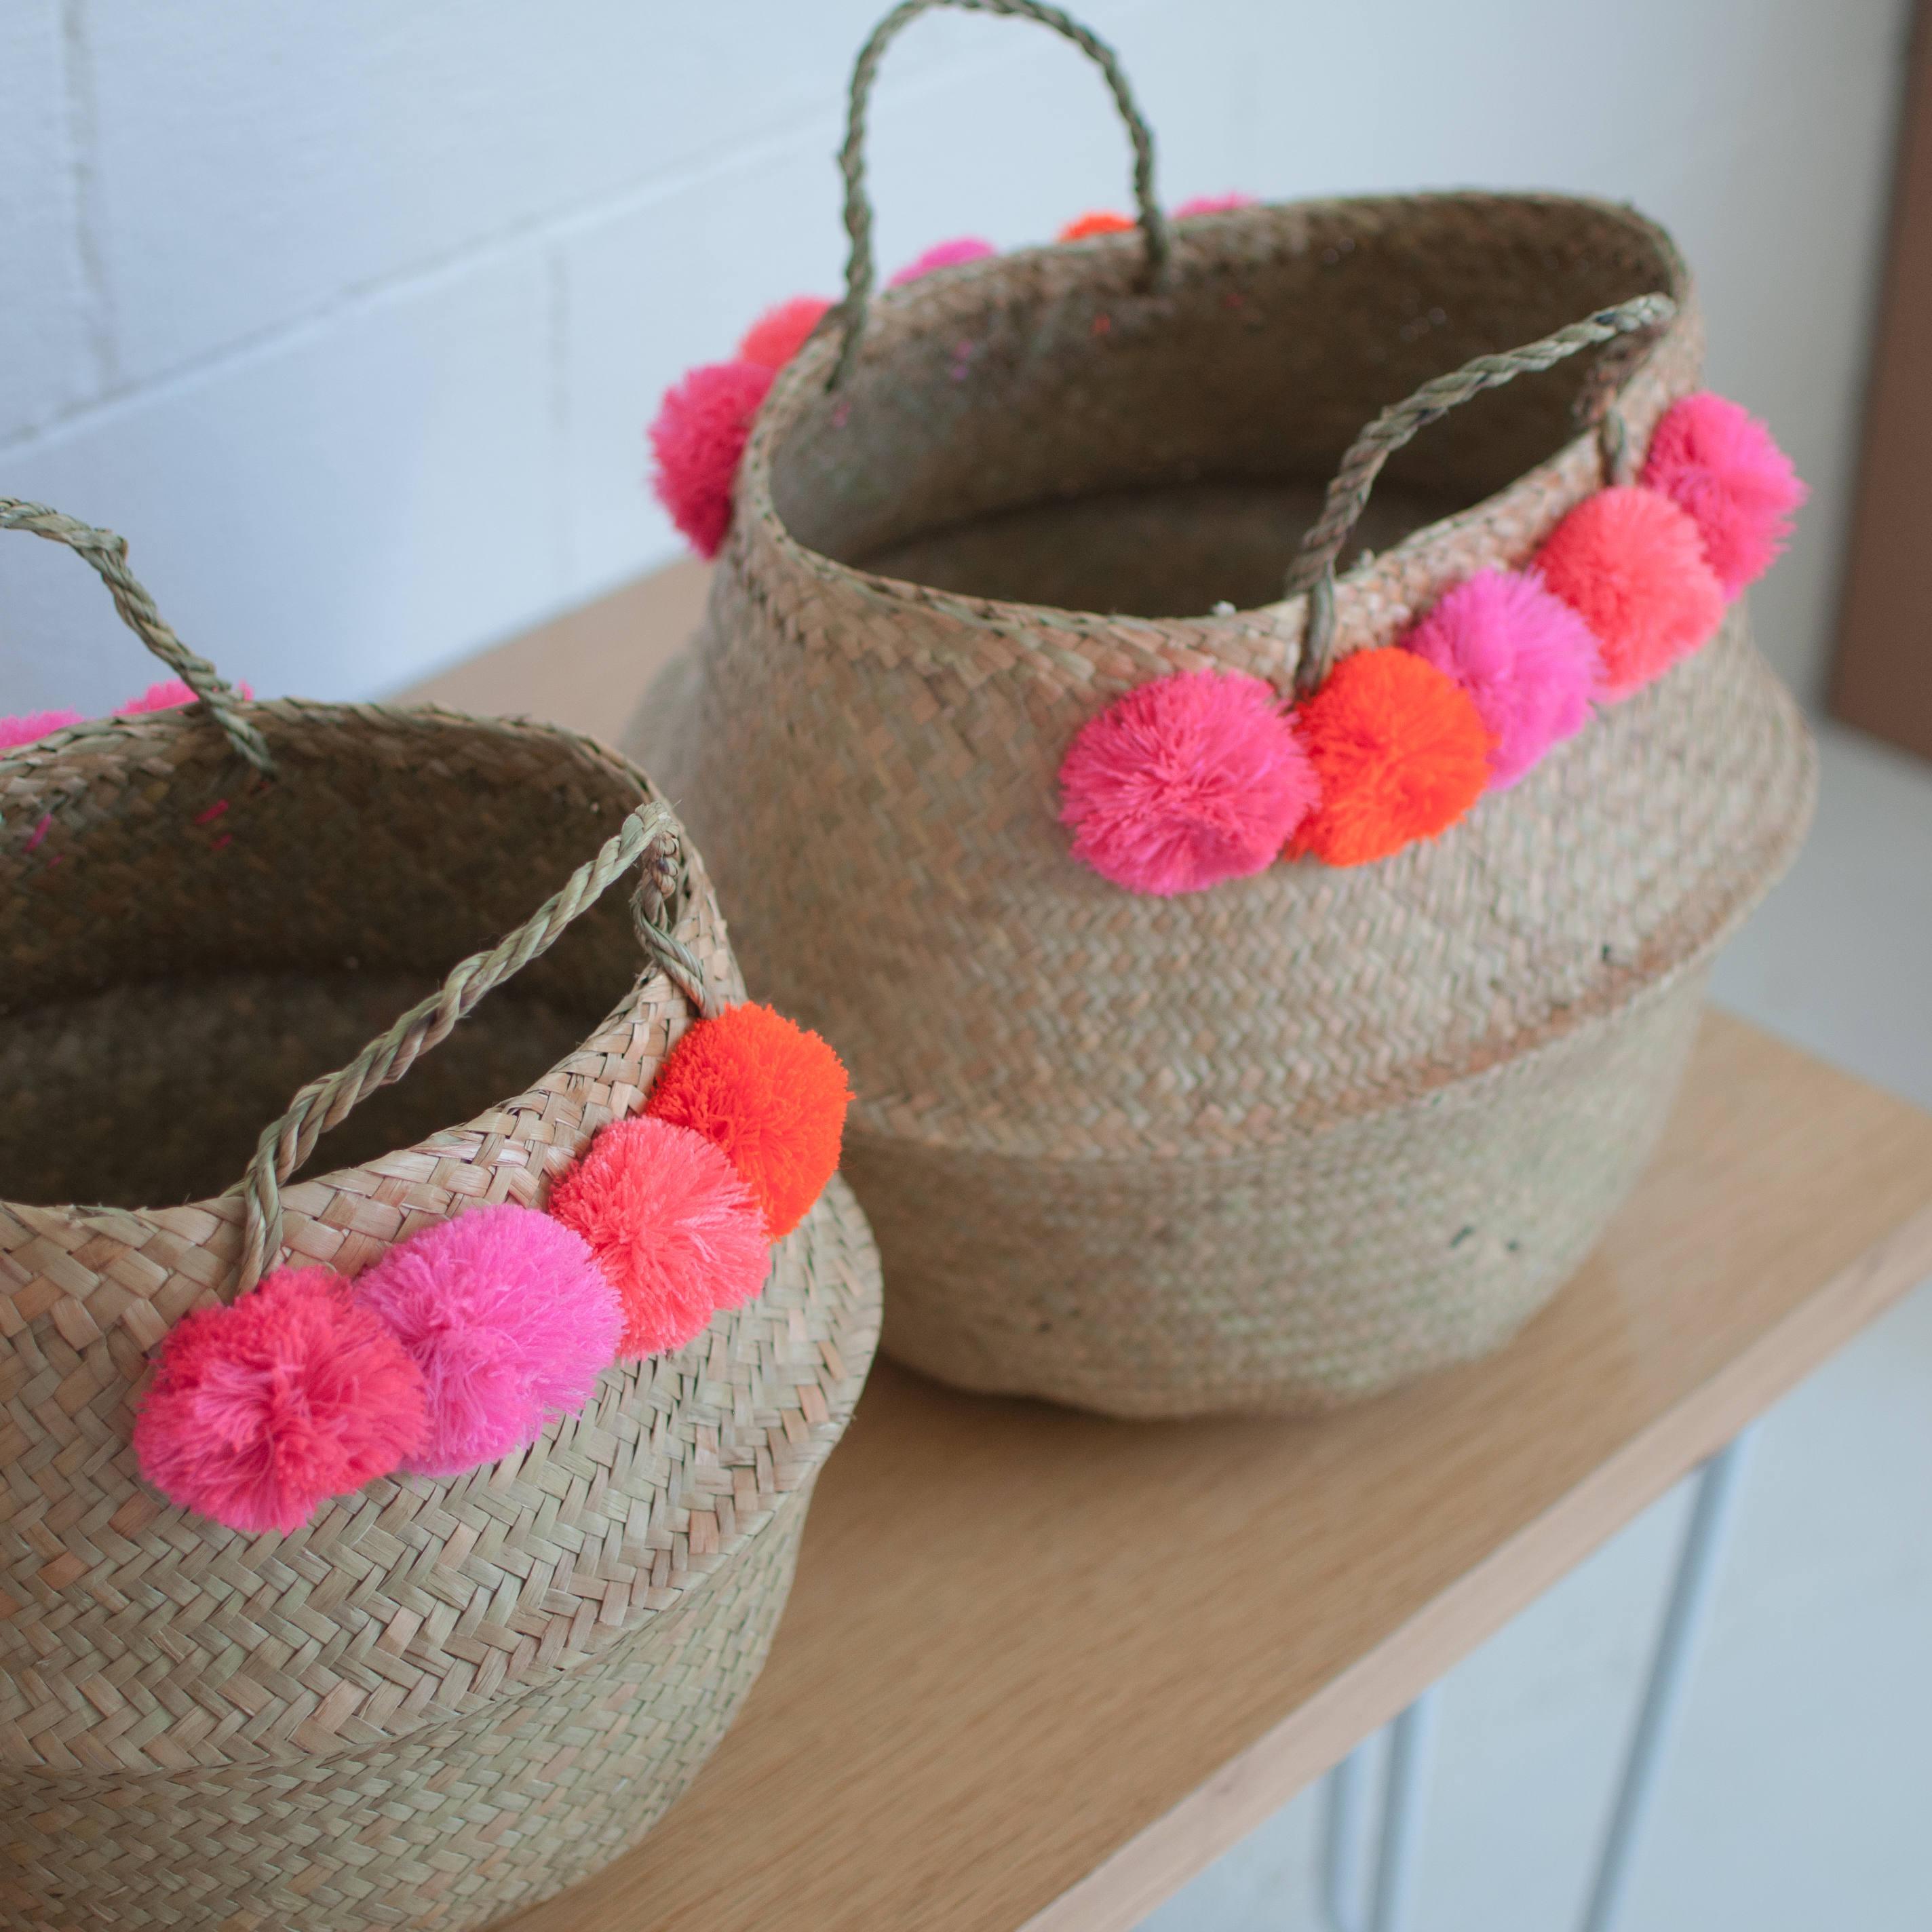 Seagrass-baskets-with-pom-poms